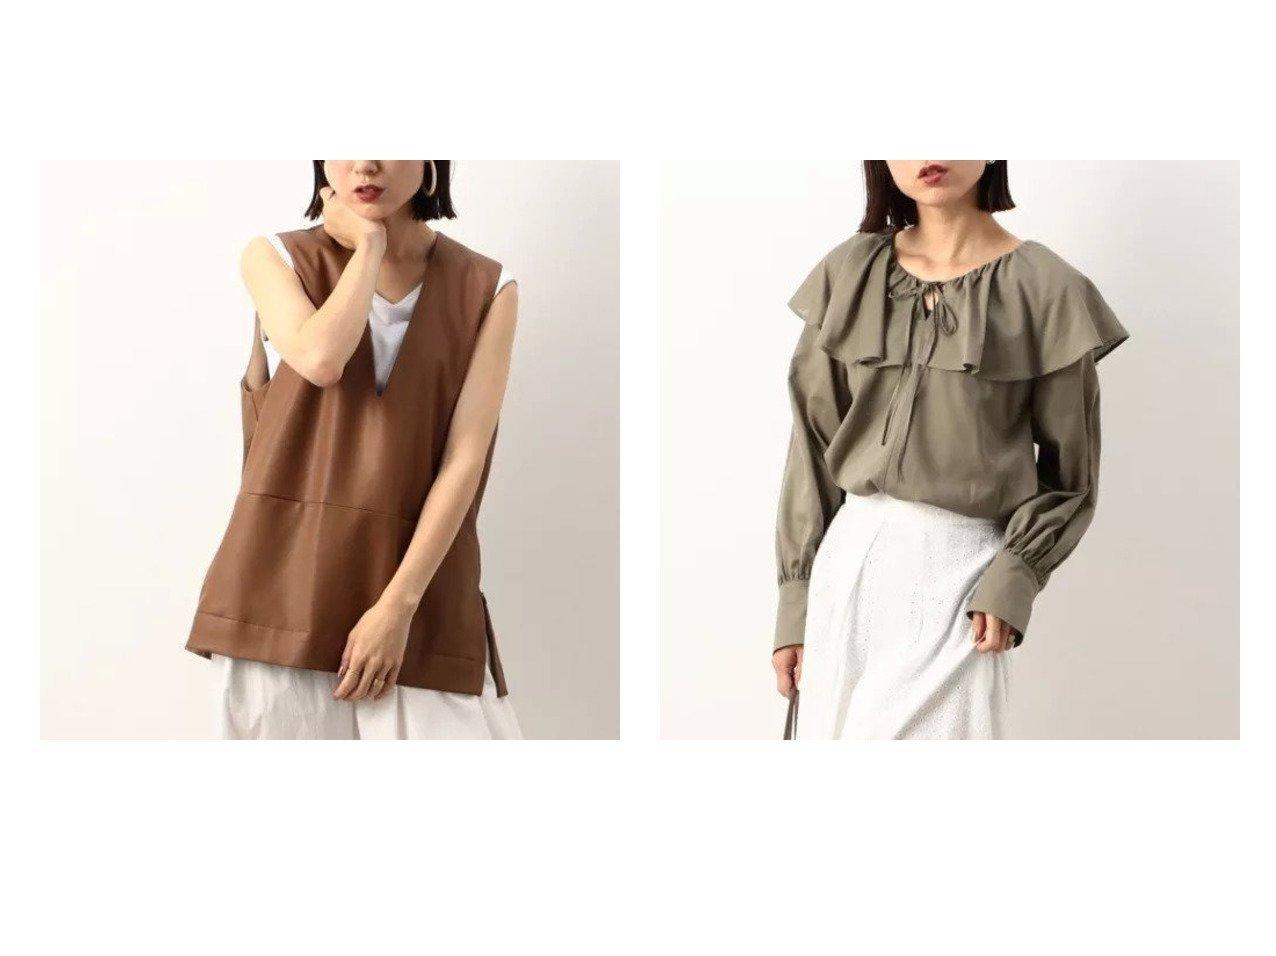 【NOLLEY'S/ノーリーズ】のヴィーガンレザーVネックベスト&【WEB限定】フリルブラウス 【トップス・カットソー】おすすめ!人気、トレンド・レディースファッションの通販 おすすめで人気の流行・トレンド、ファッションの通販商品 インテリア・家具・メンズファッション・キッズファッション・レディースファッション・服の通販 founy(ファニー) https://founy.com/ ファッション Fashion レディースファッション WOMEN アウター Coat Outerwear トップス・カットソー Tops/Tshirt ベスト/ジレ Gilets/Vests Vネック V-Neck シャツ/ブラウス Shirts/Blouses A/W・秋冬 AW・Autumn/Winter・FW・Fall-Winter おすすめ Recommend インナー カットソー フロント ベスト ポケット ロング 夏 Summer トレンド フリル 冬 Winter |ID:crp329100000055599